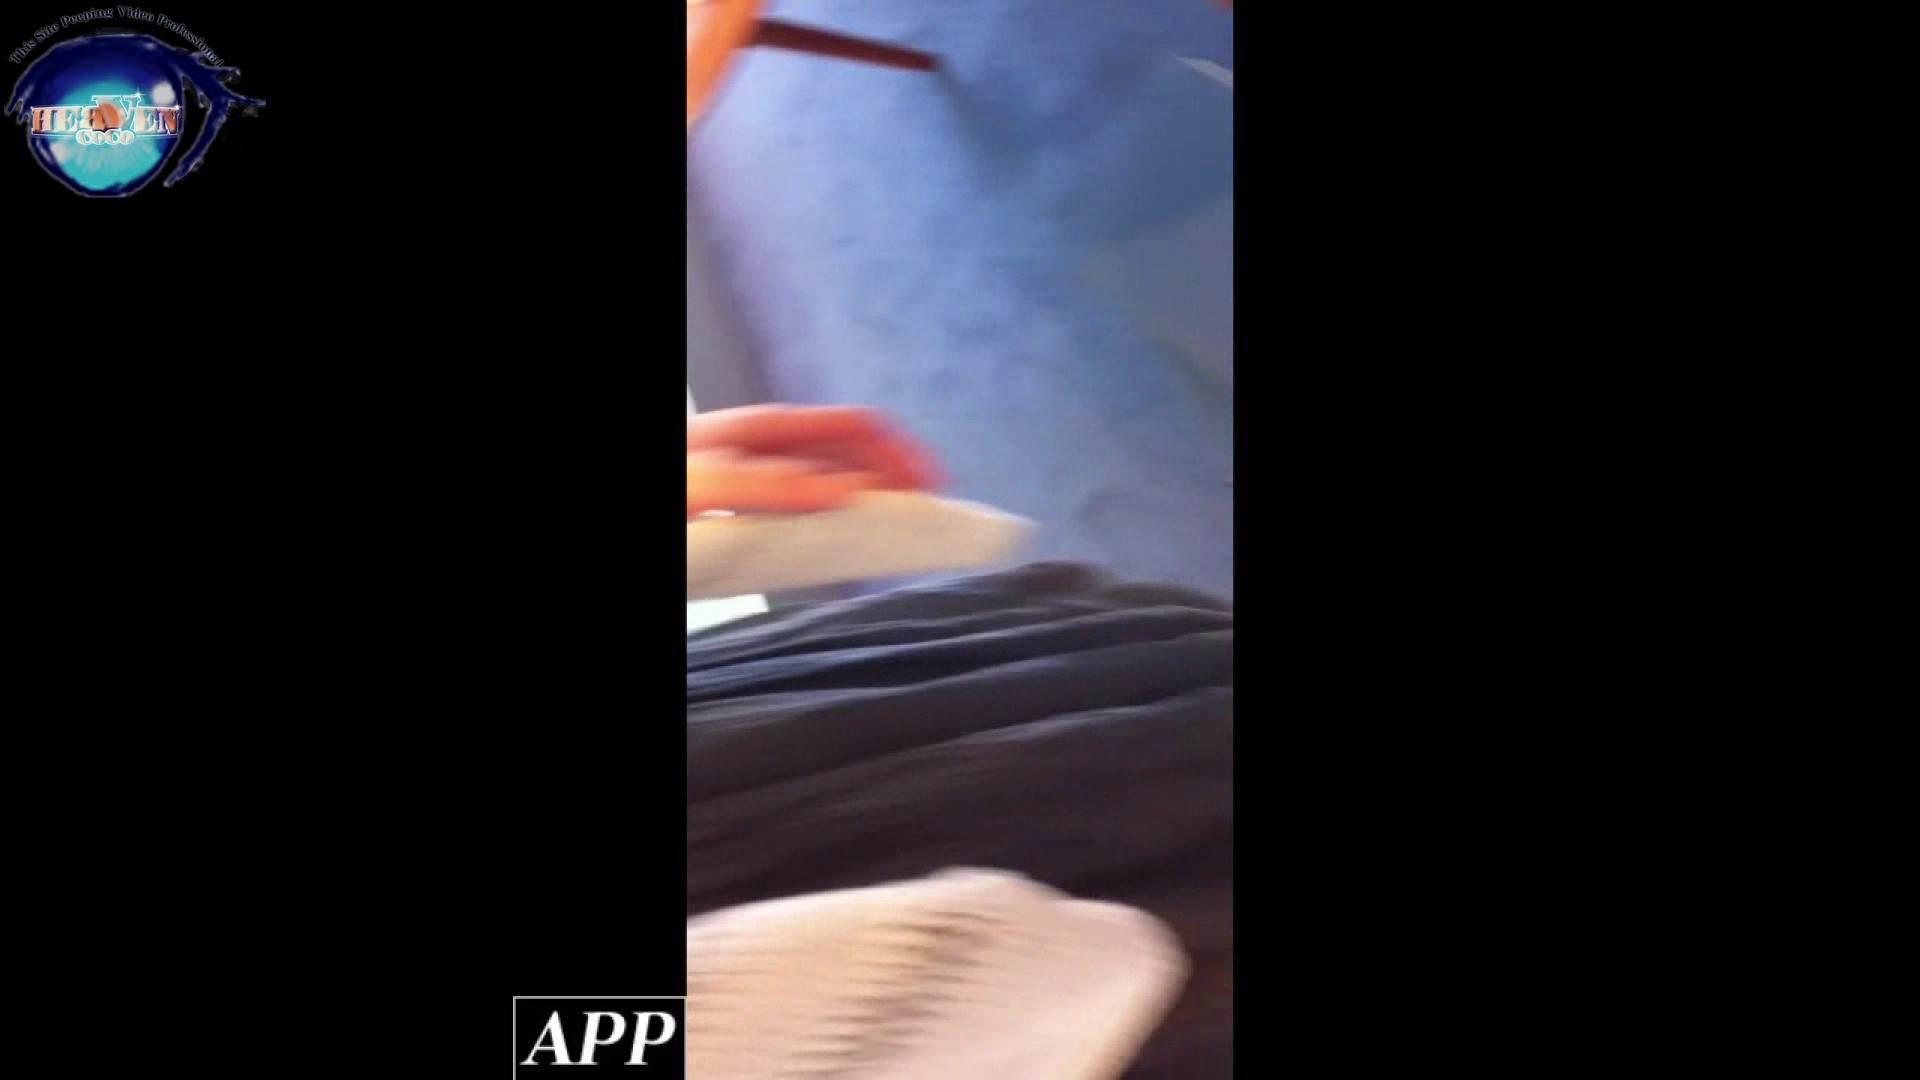 ハイビジョン盗撮!ショップ店員千人斬り!胸チラ編 vol.67 胸チラ オマンコ動画キャプチャ 95PIX 13